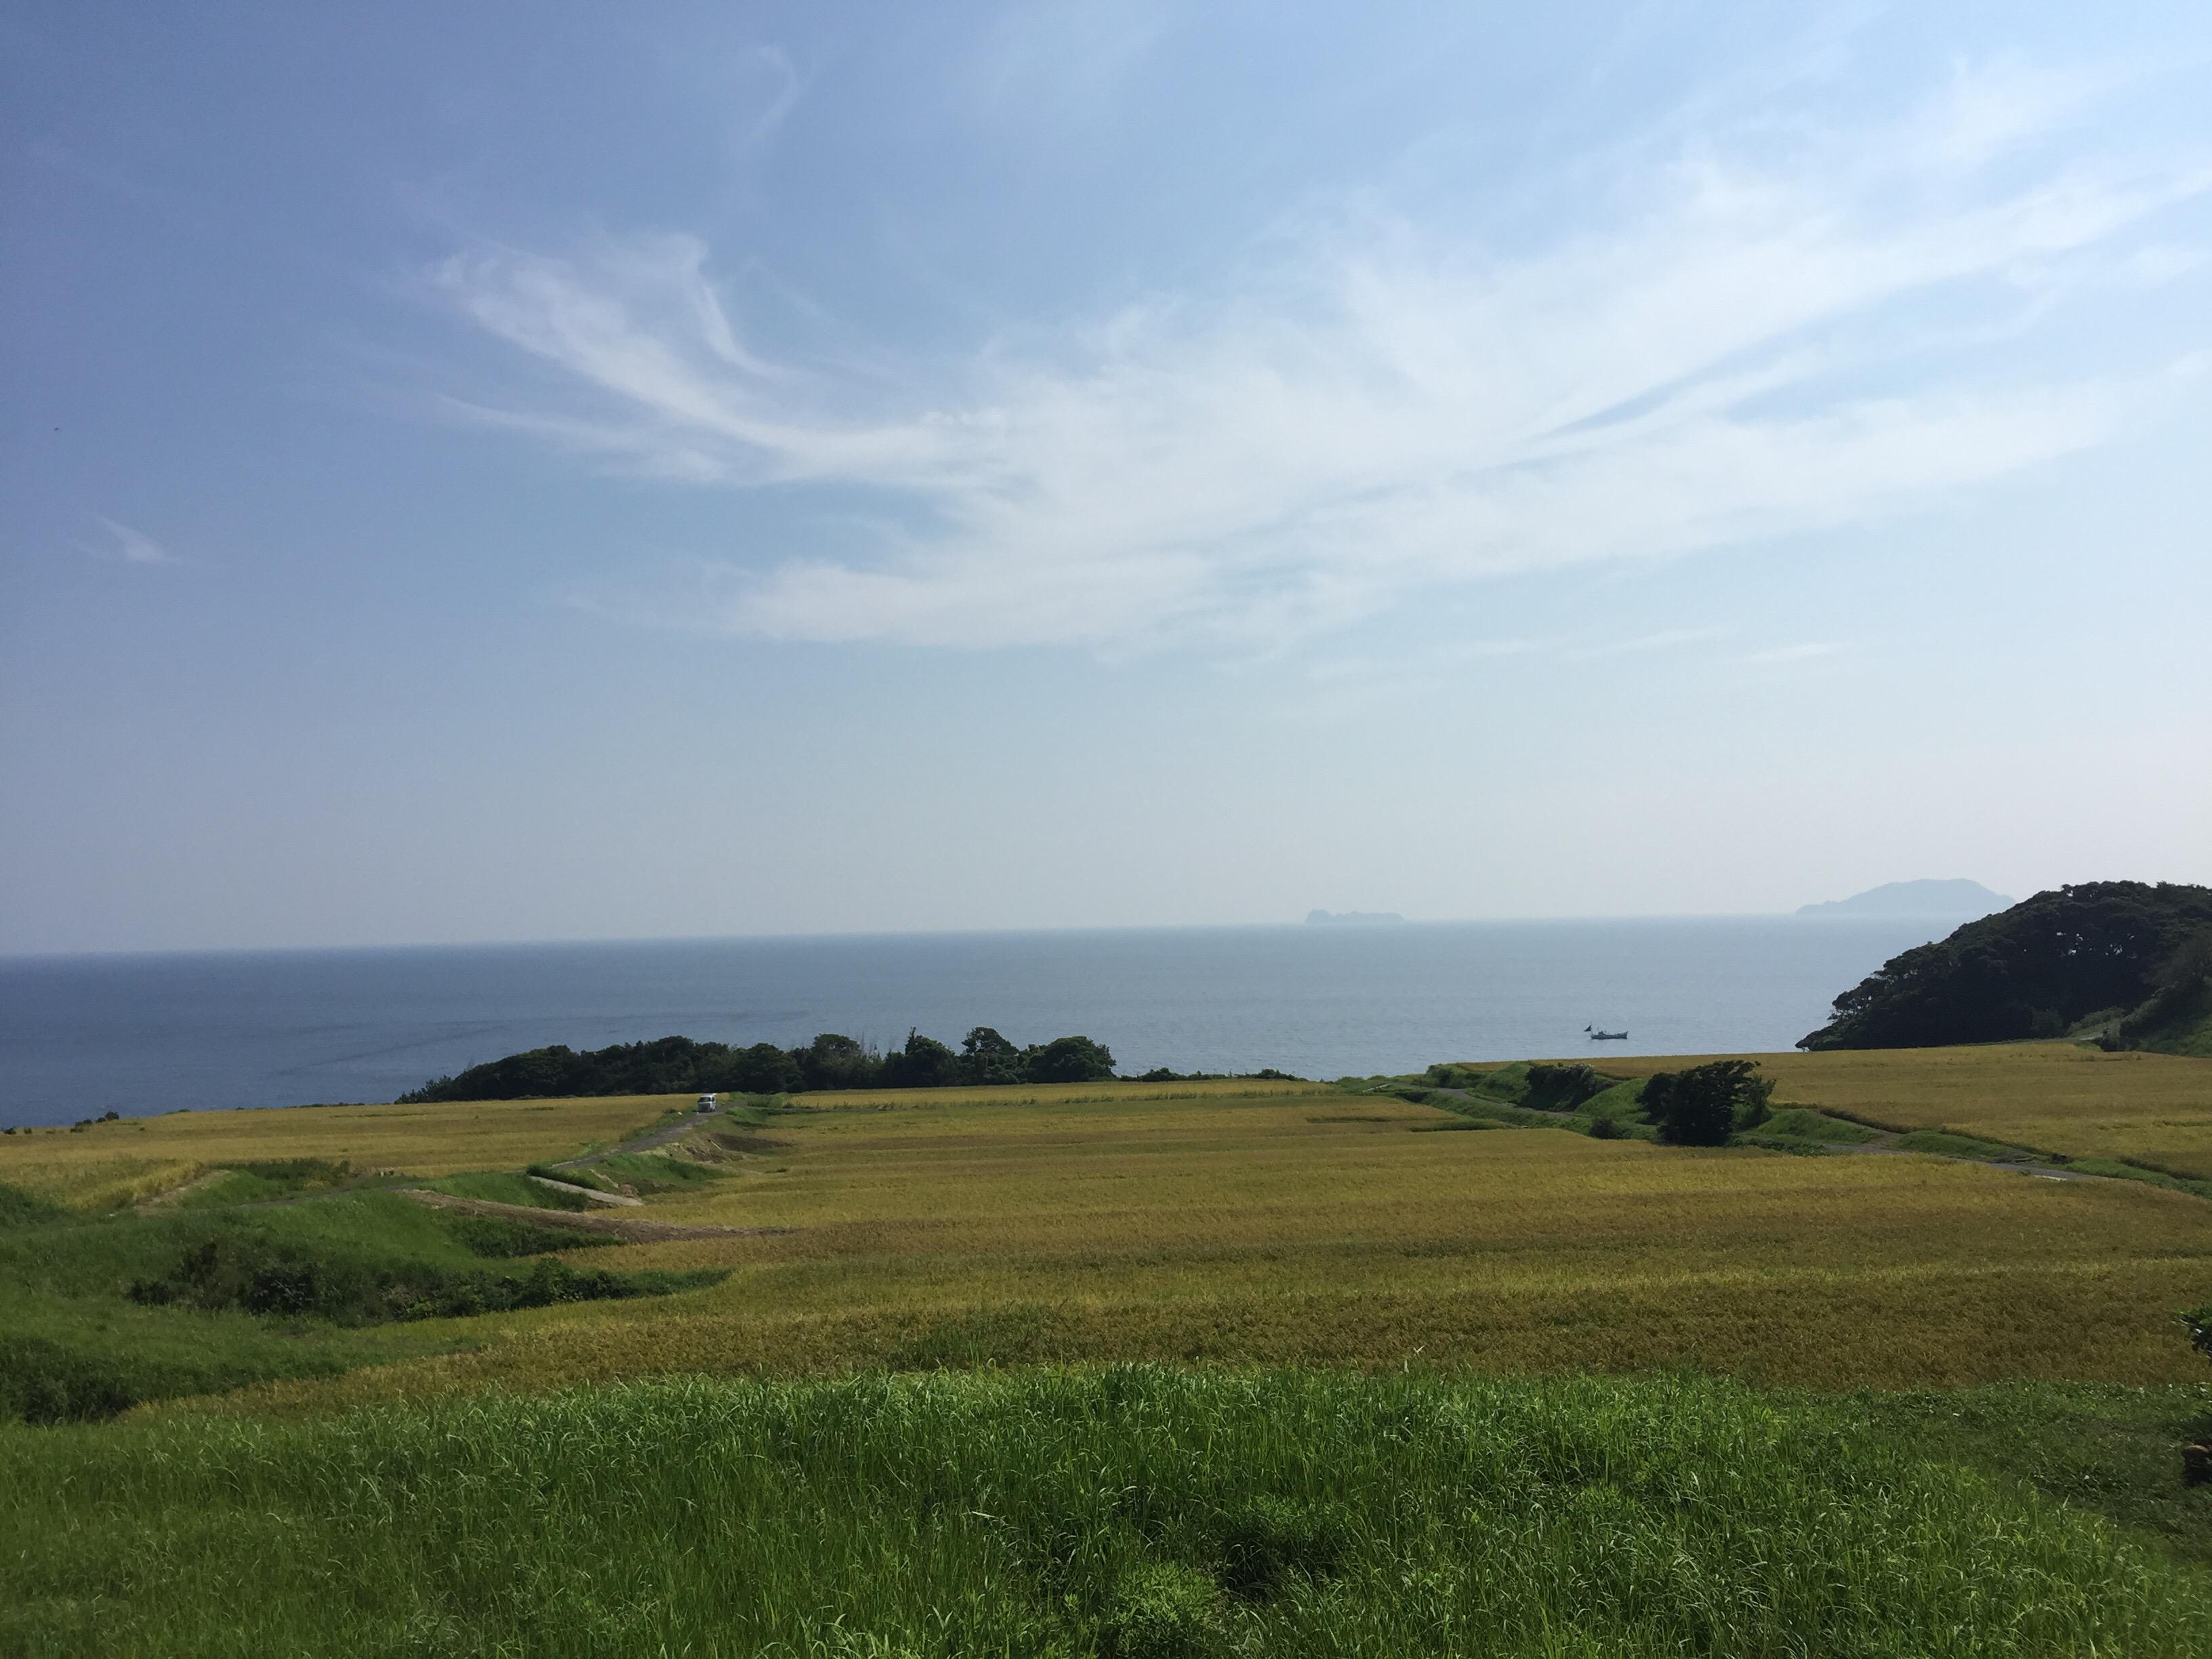 京都が誇る景勝地、丹後半島にて